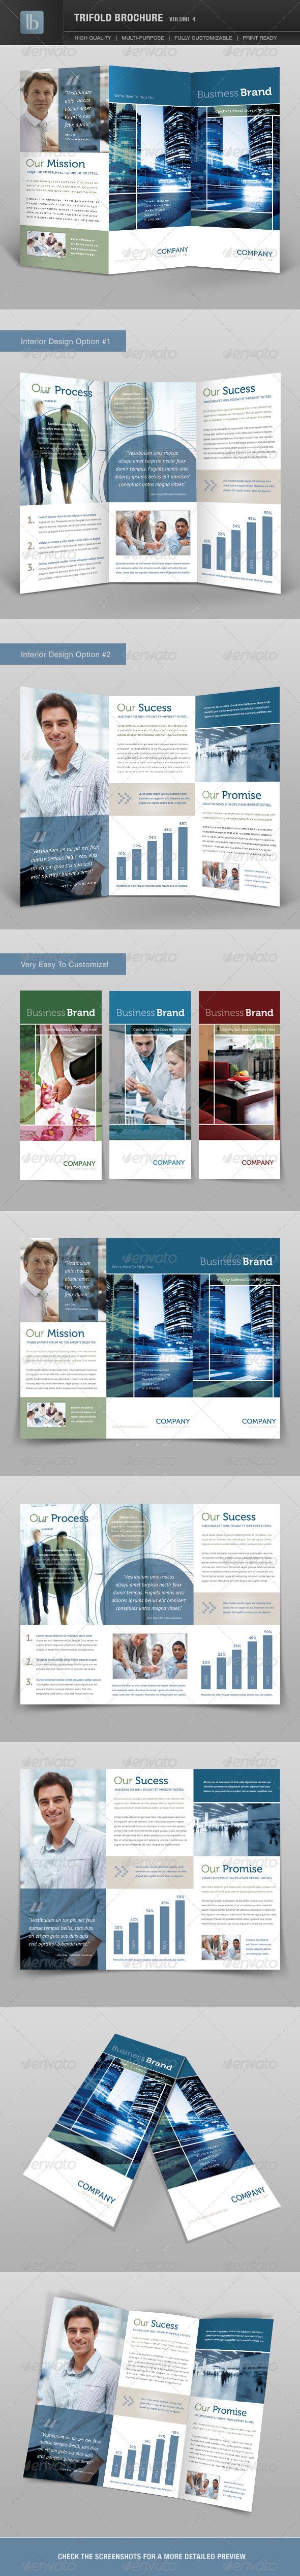 GraphicRiver Trifold Brochure Volume 4 2034402